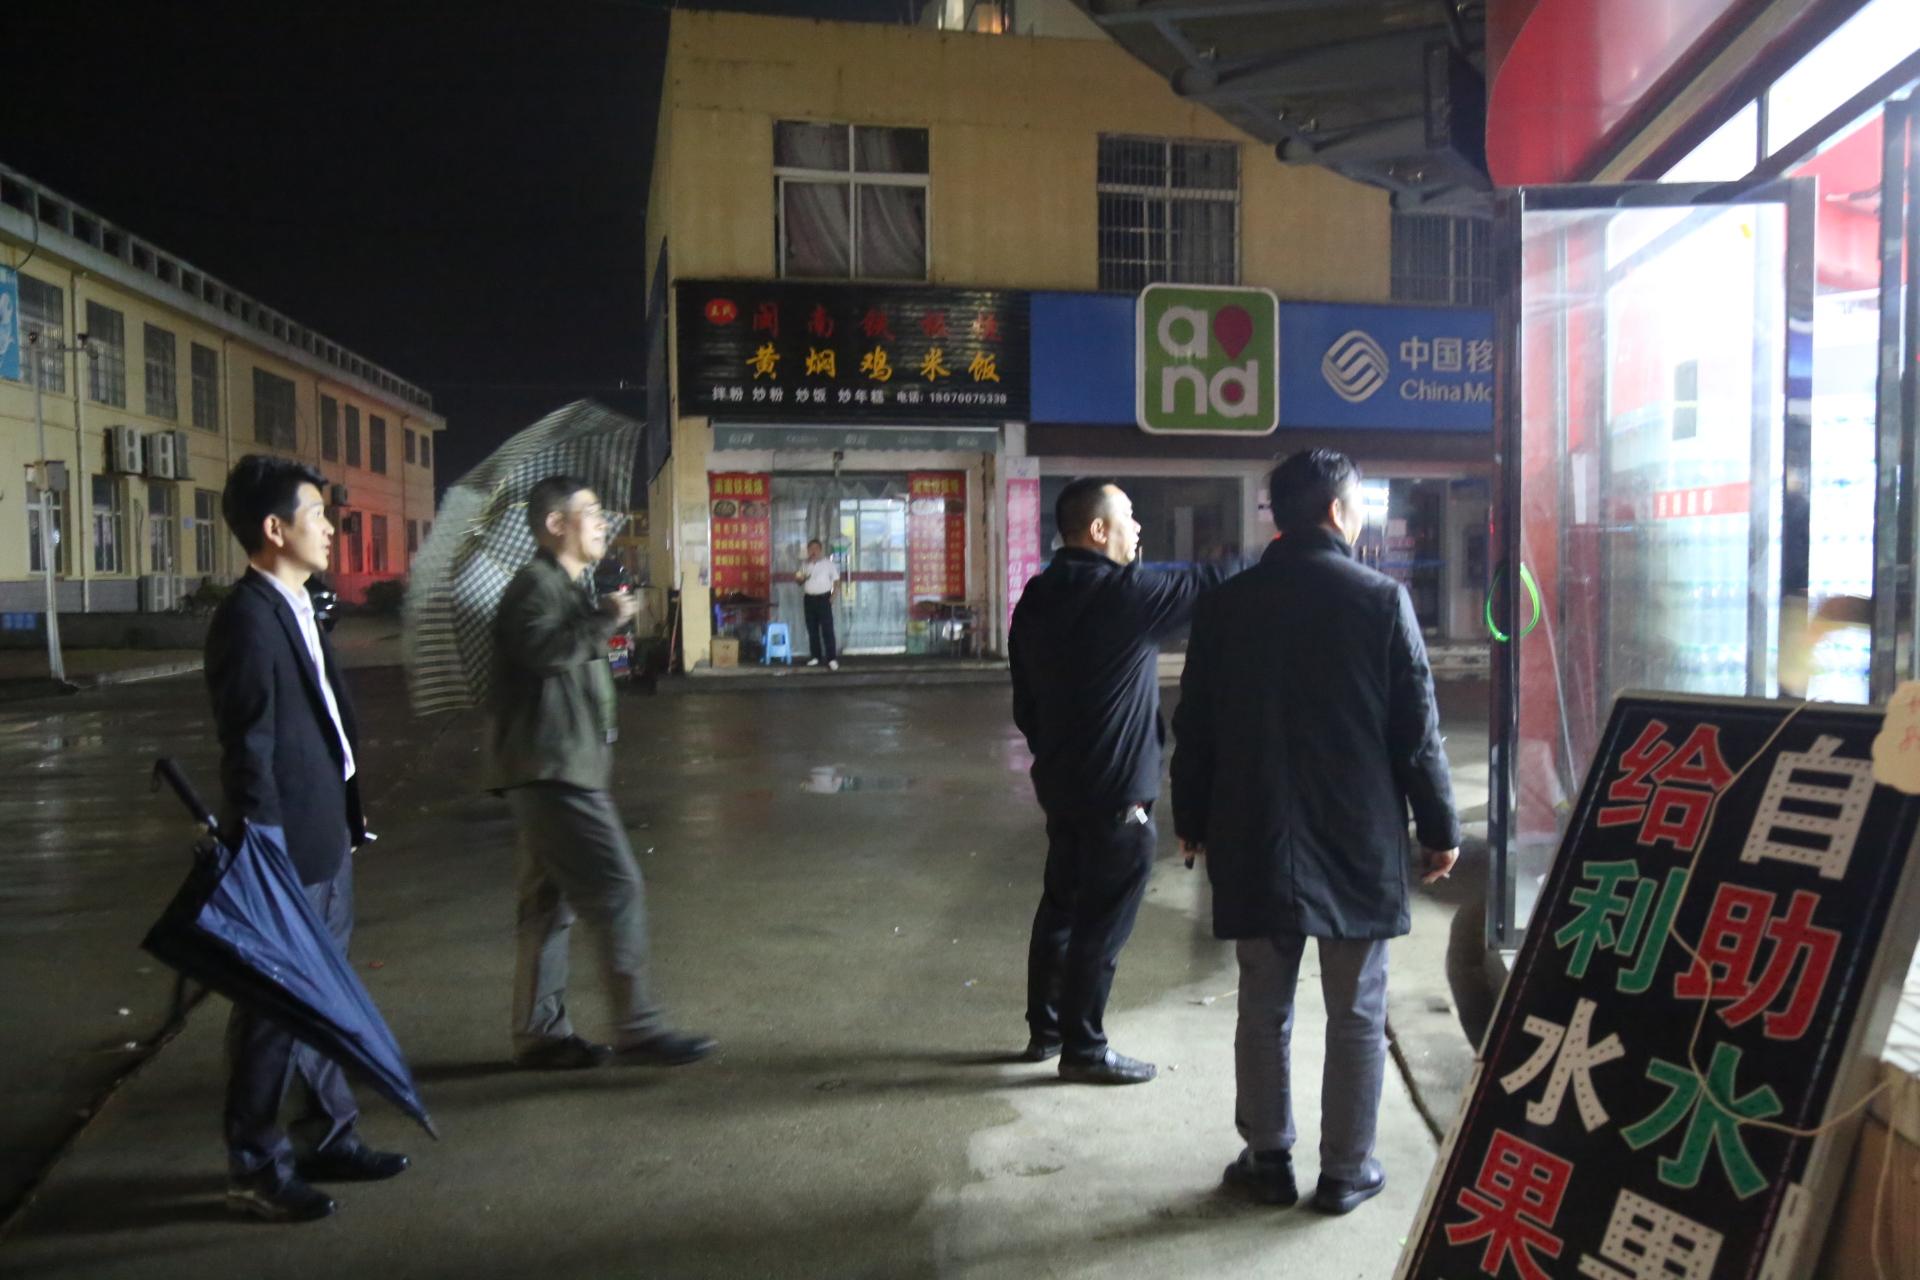 王晓春校长、龙进副校长深夜检查校园经营户管理工作